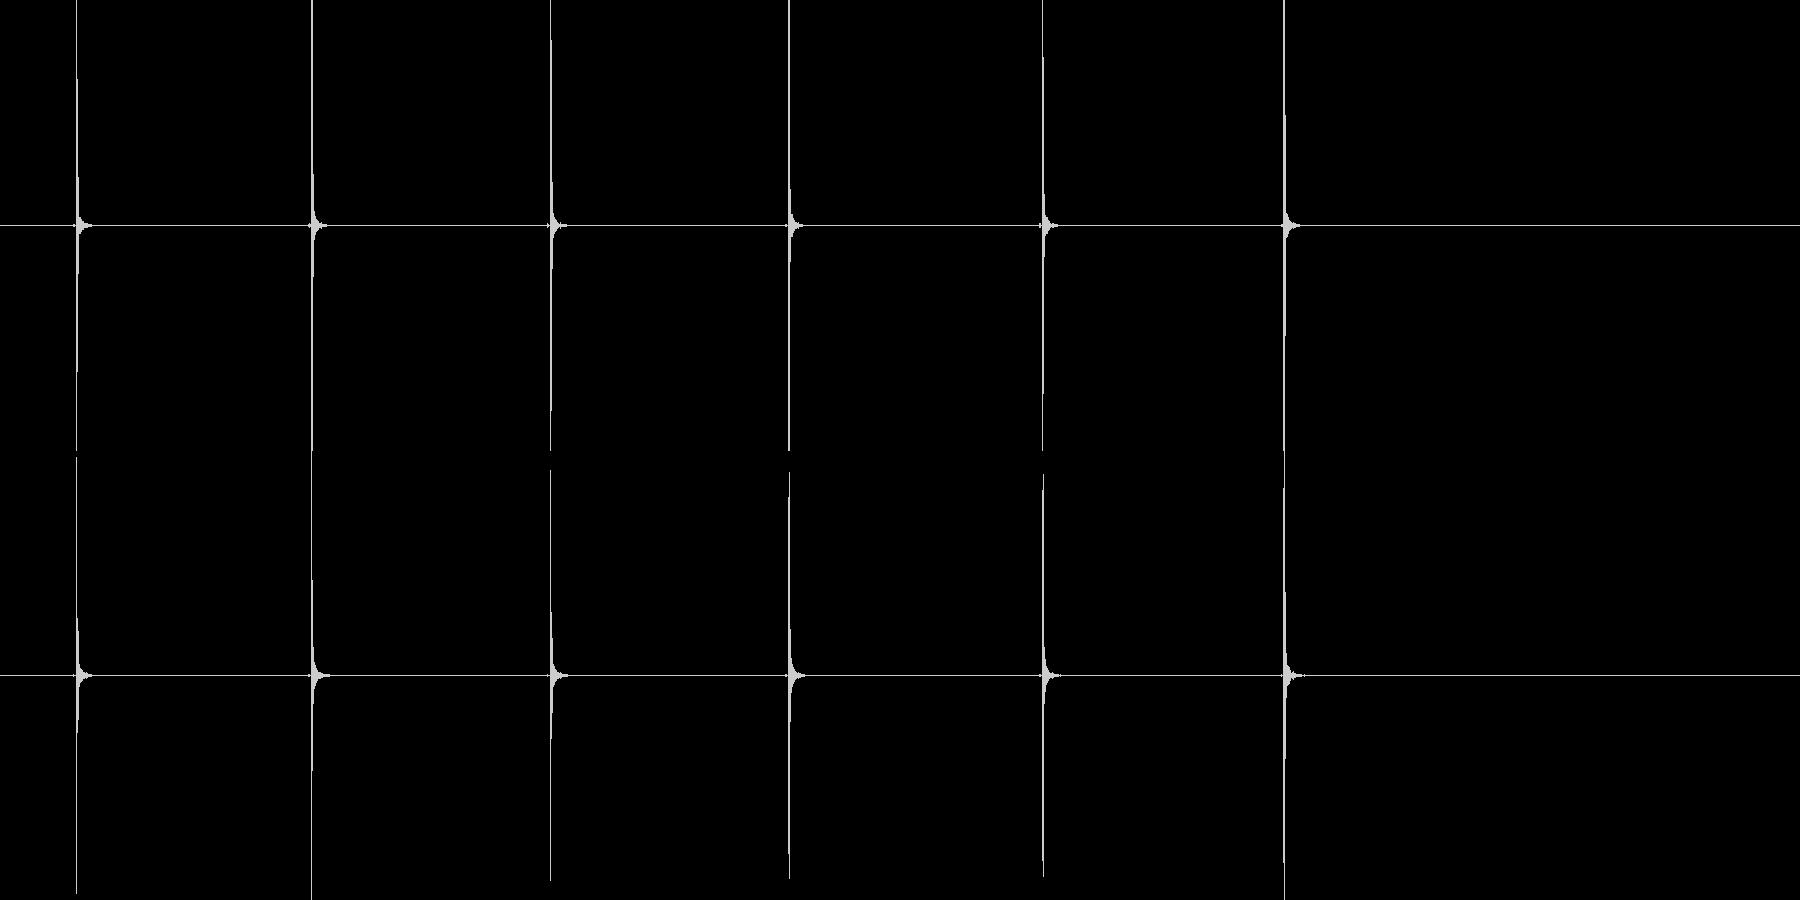 カスタネット生音(スローな連続音)の未再生の波形